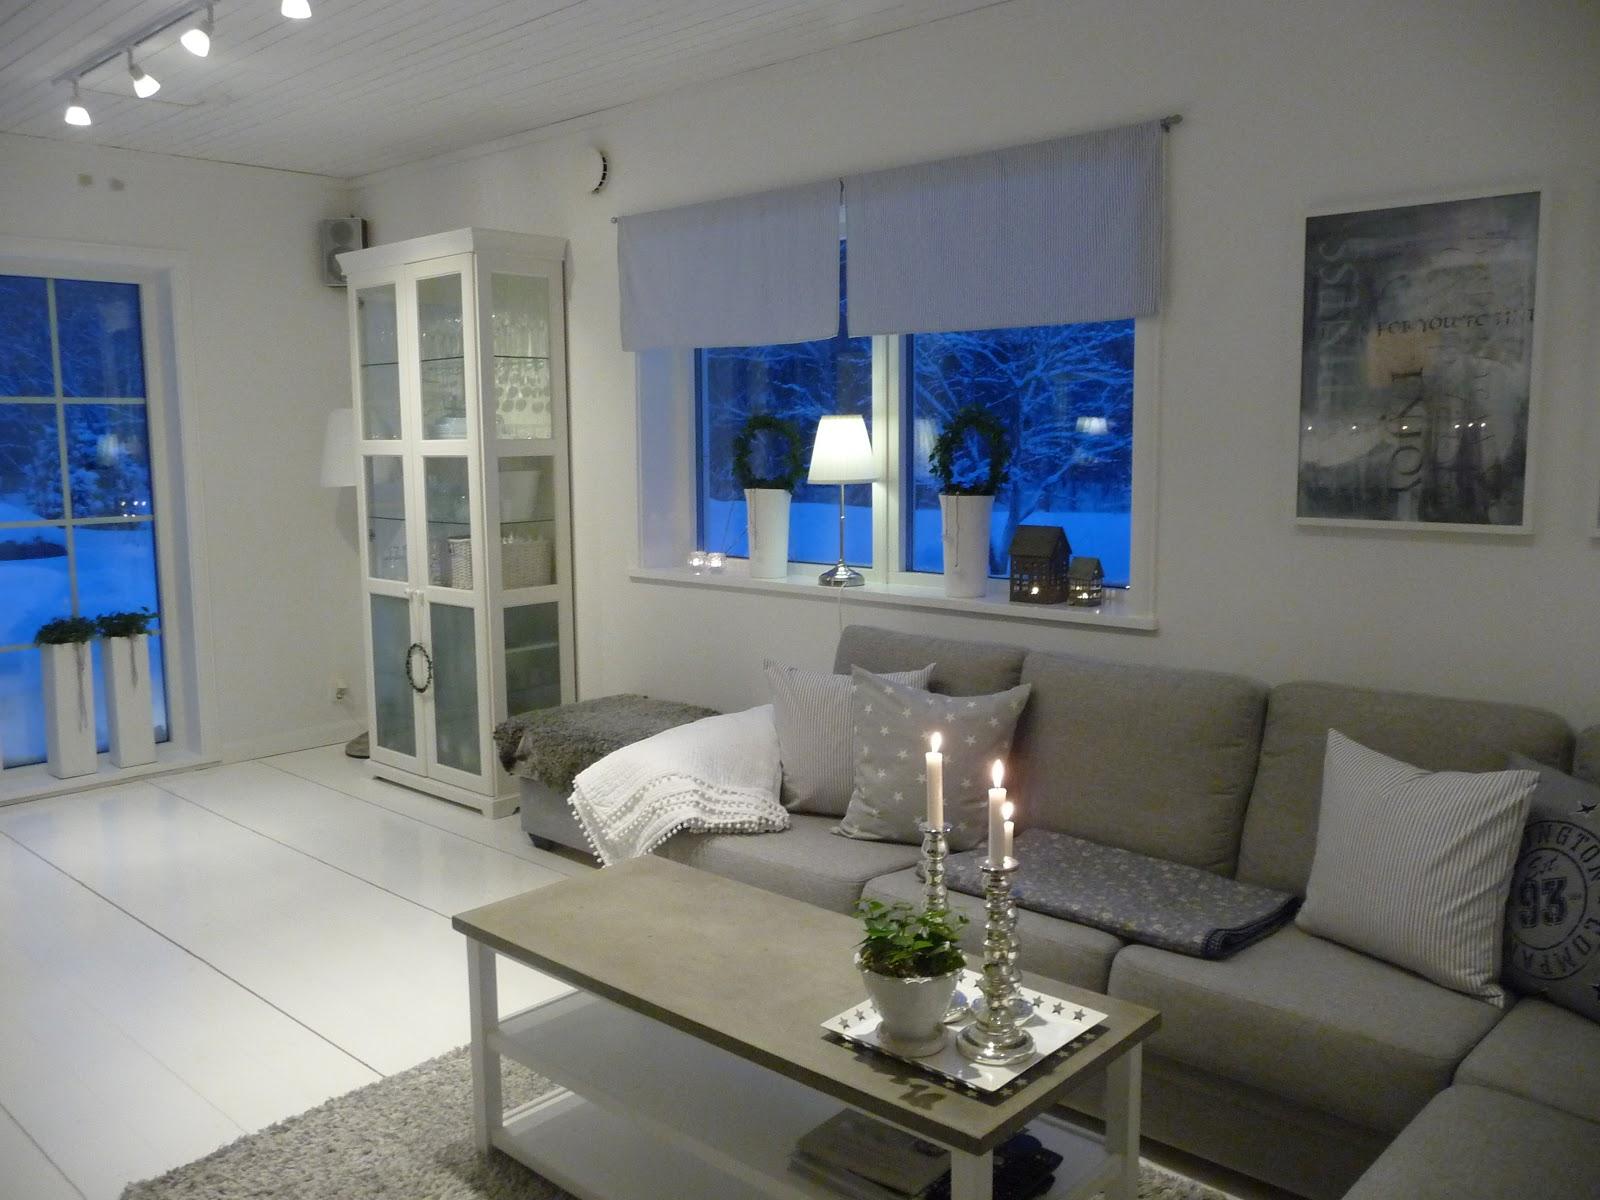 Vitt och blått: vardagsrum